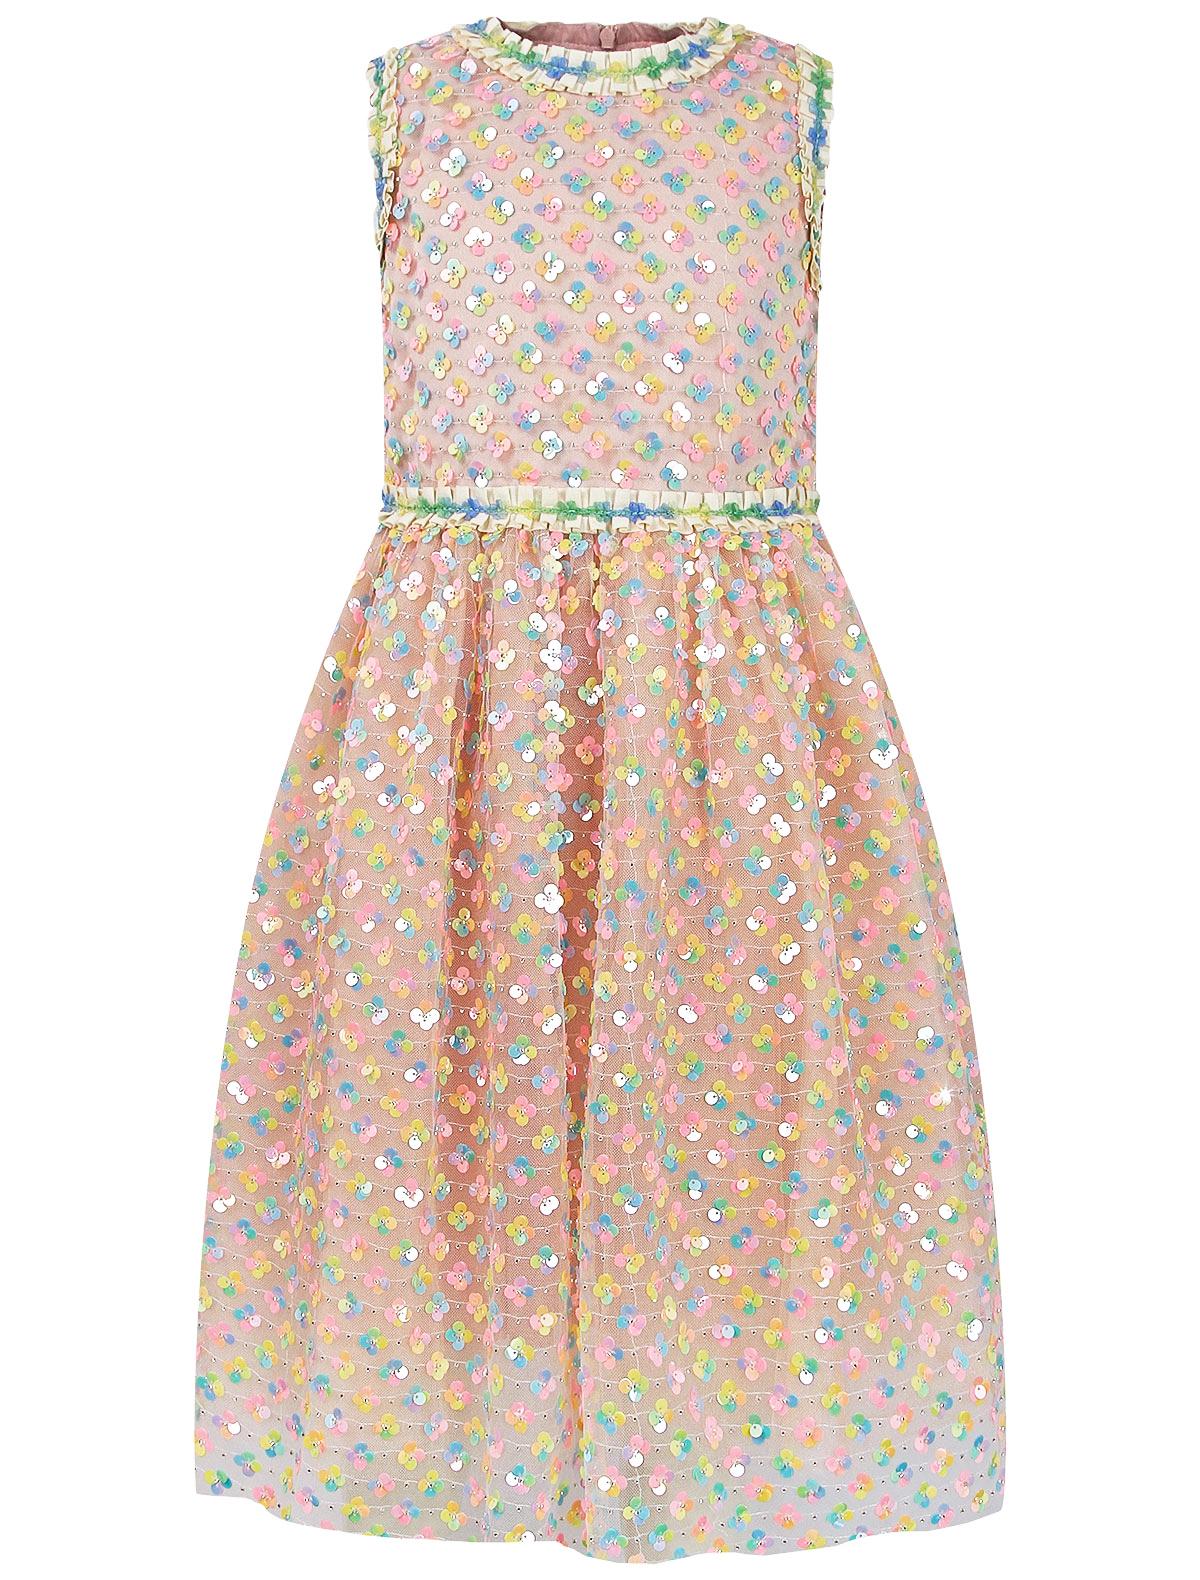 Купить 2291070, Платье EIRENE, розовый, Женский, 1054509179100